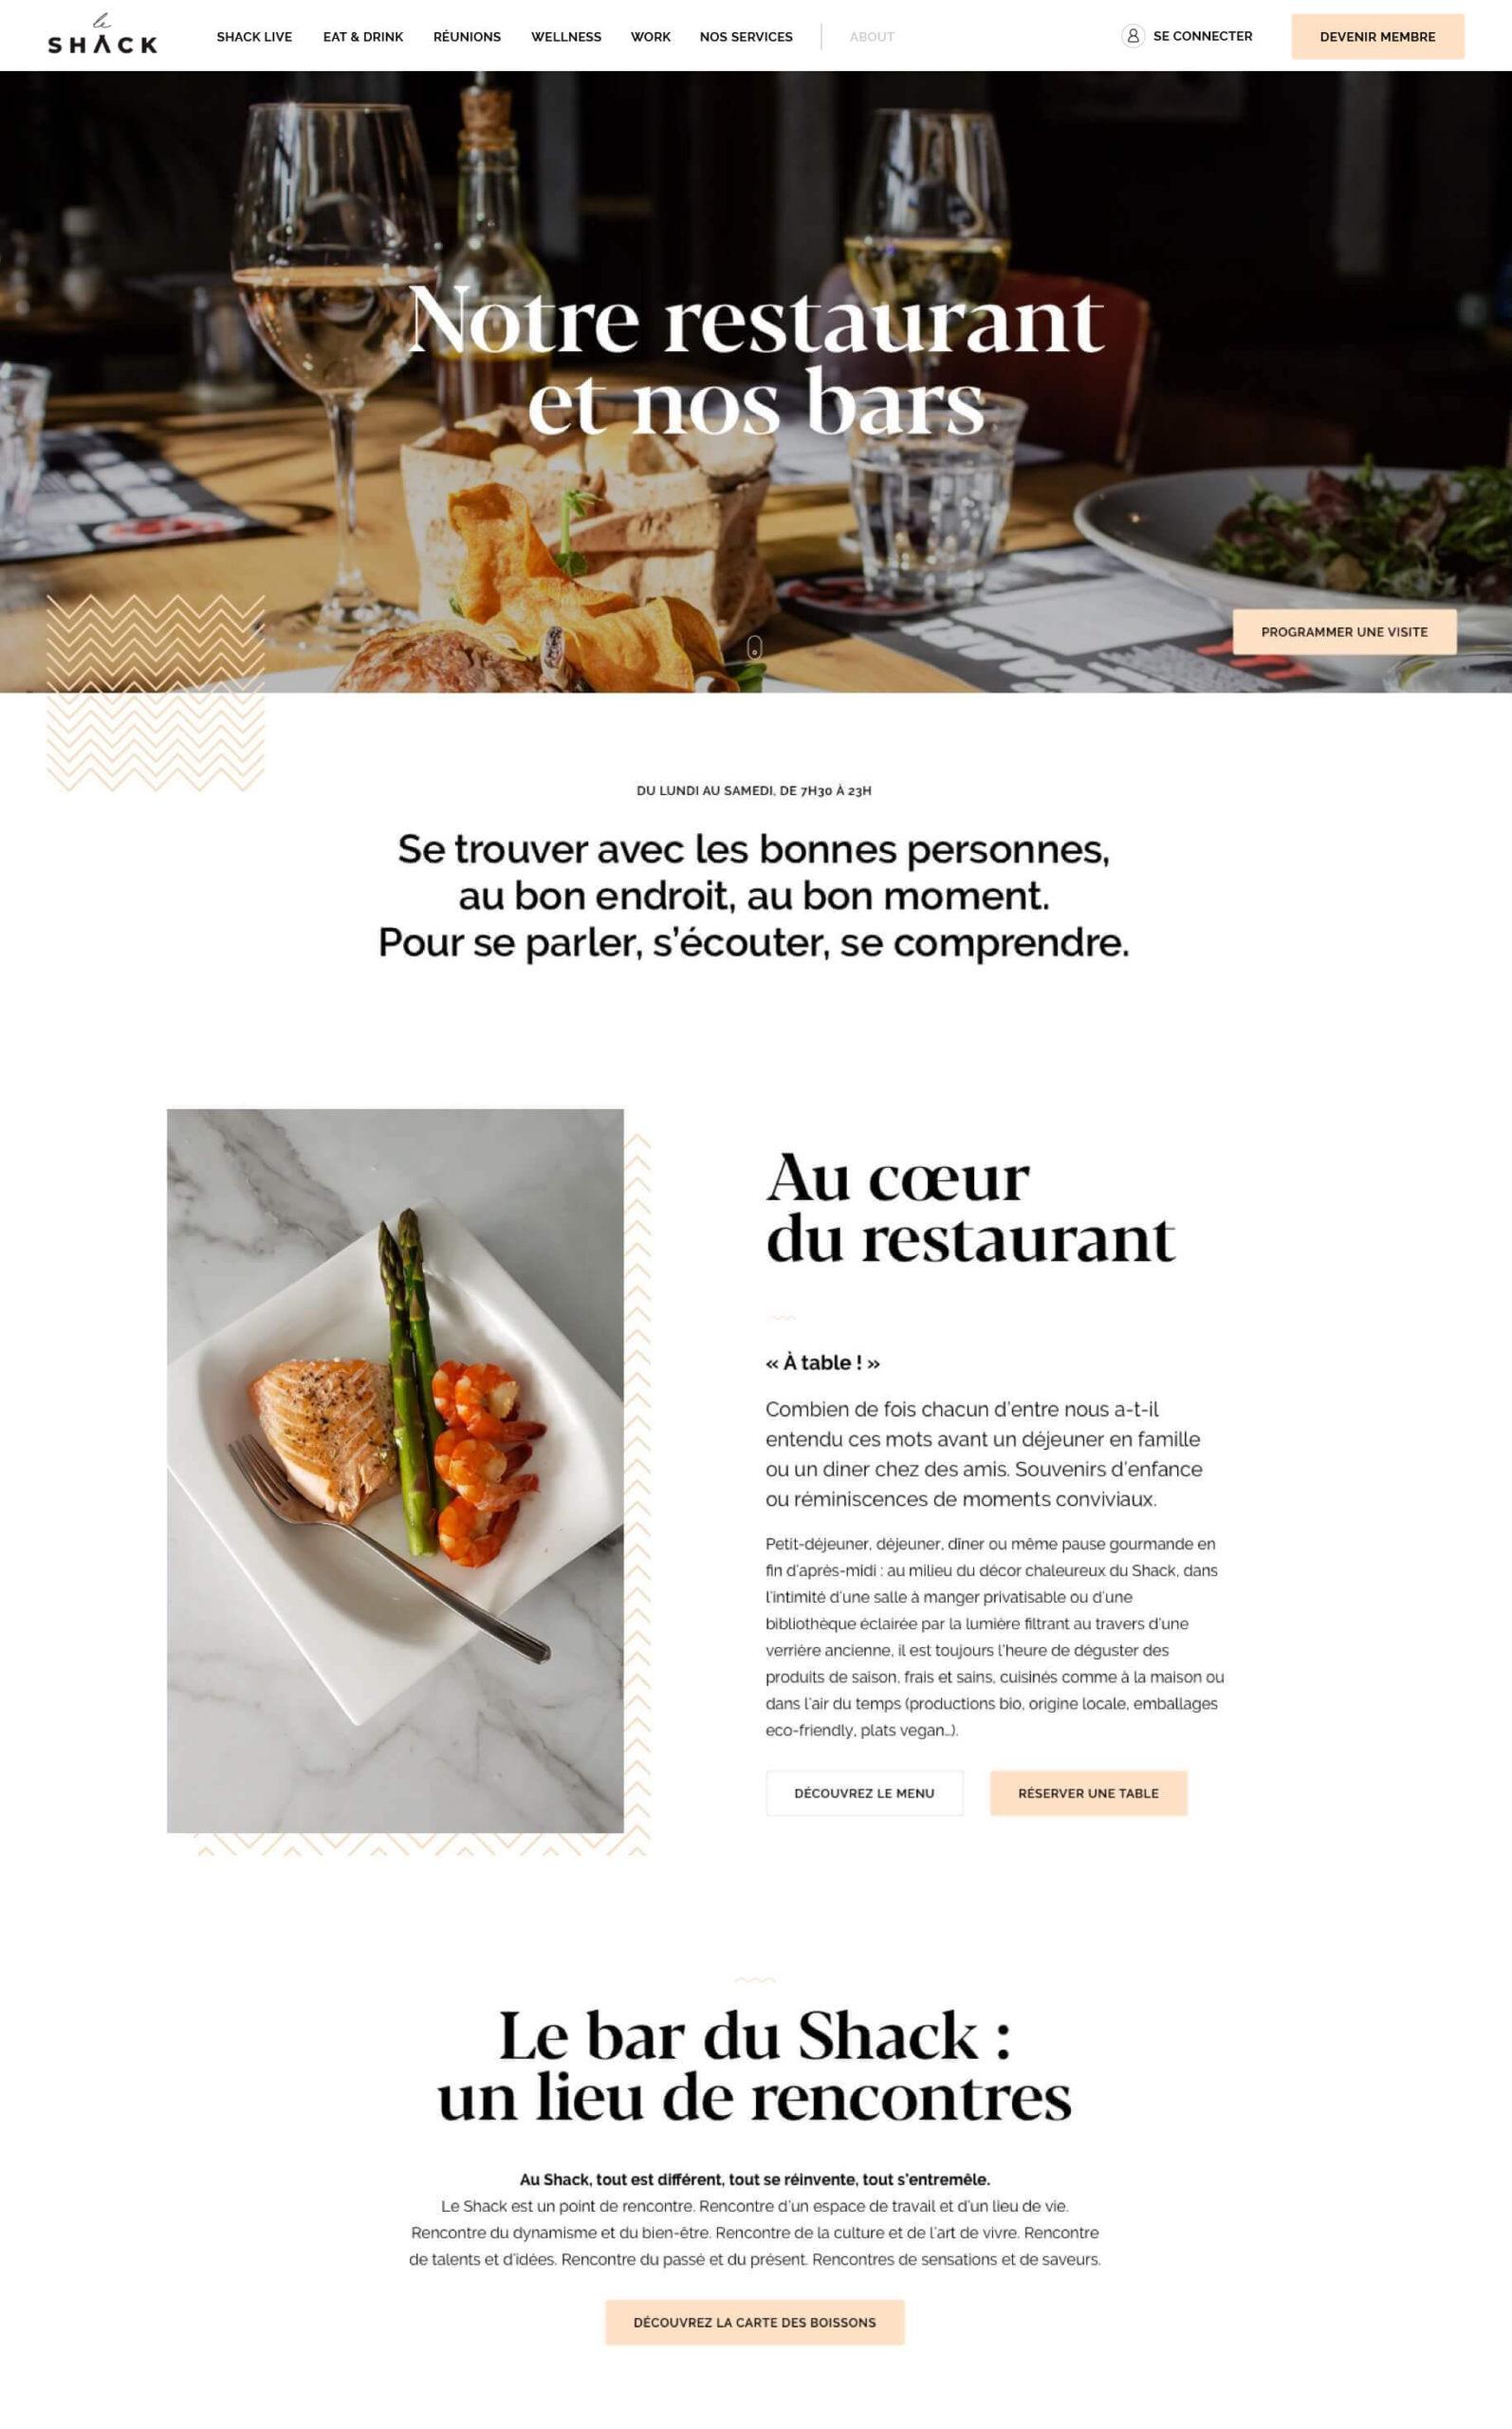 Page d'accueil du site web du restaurant Shack Paris